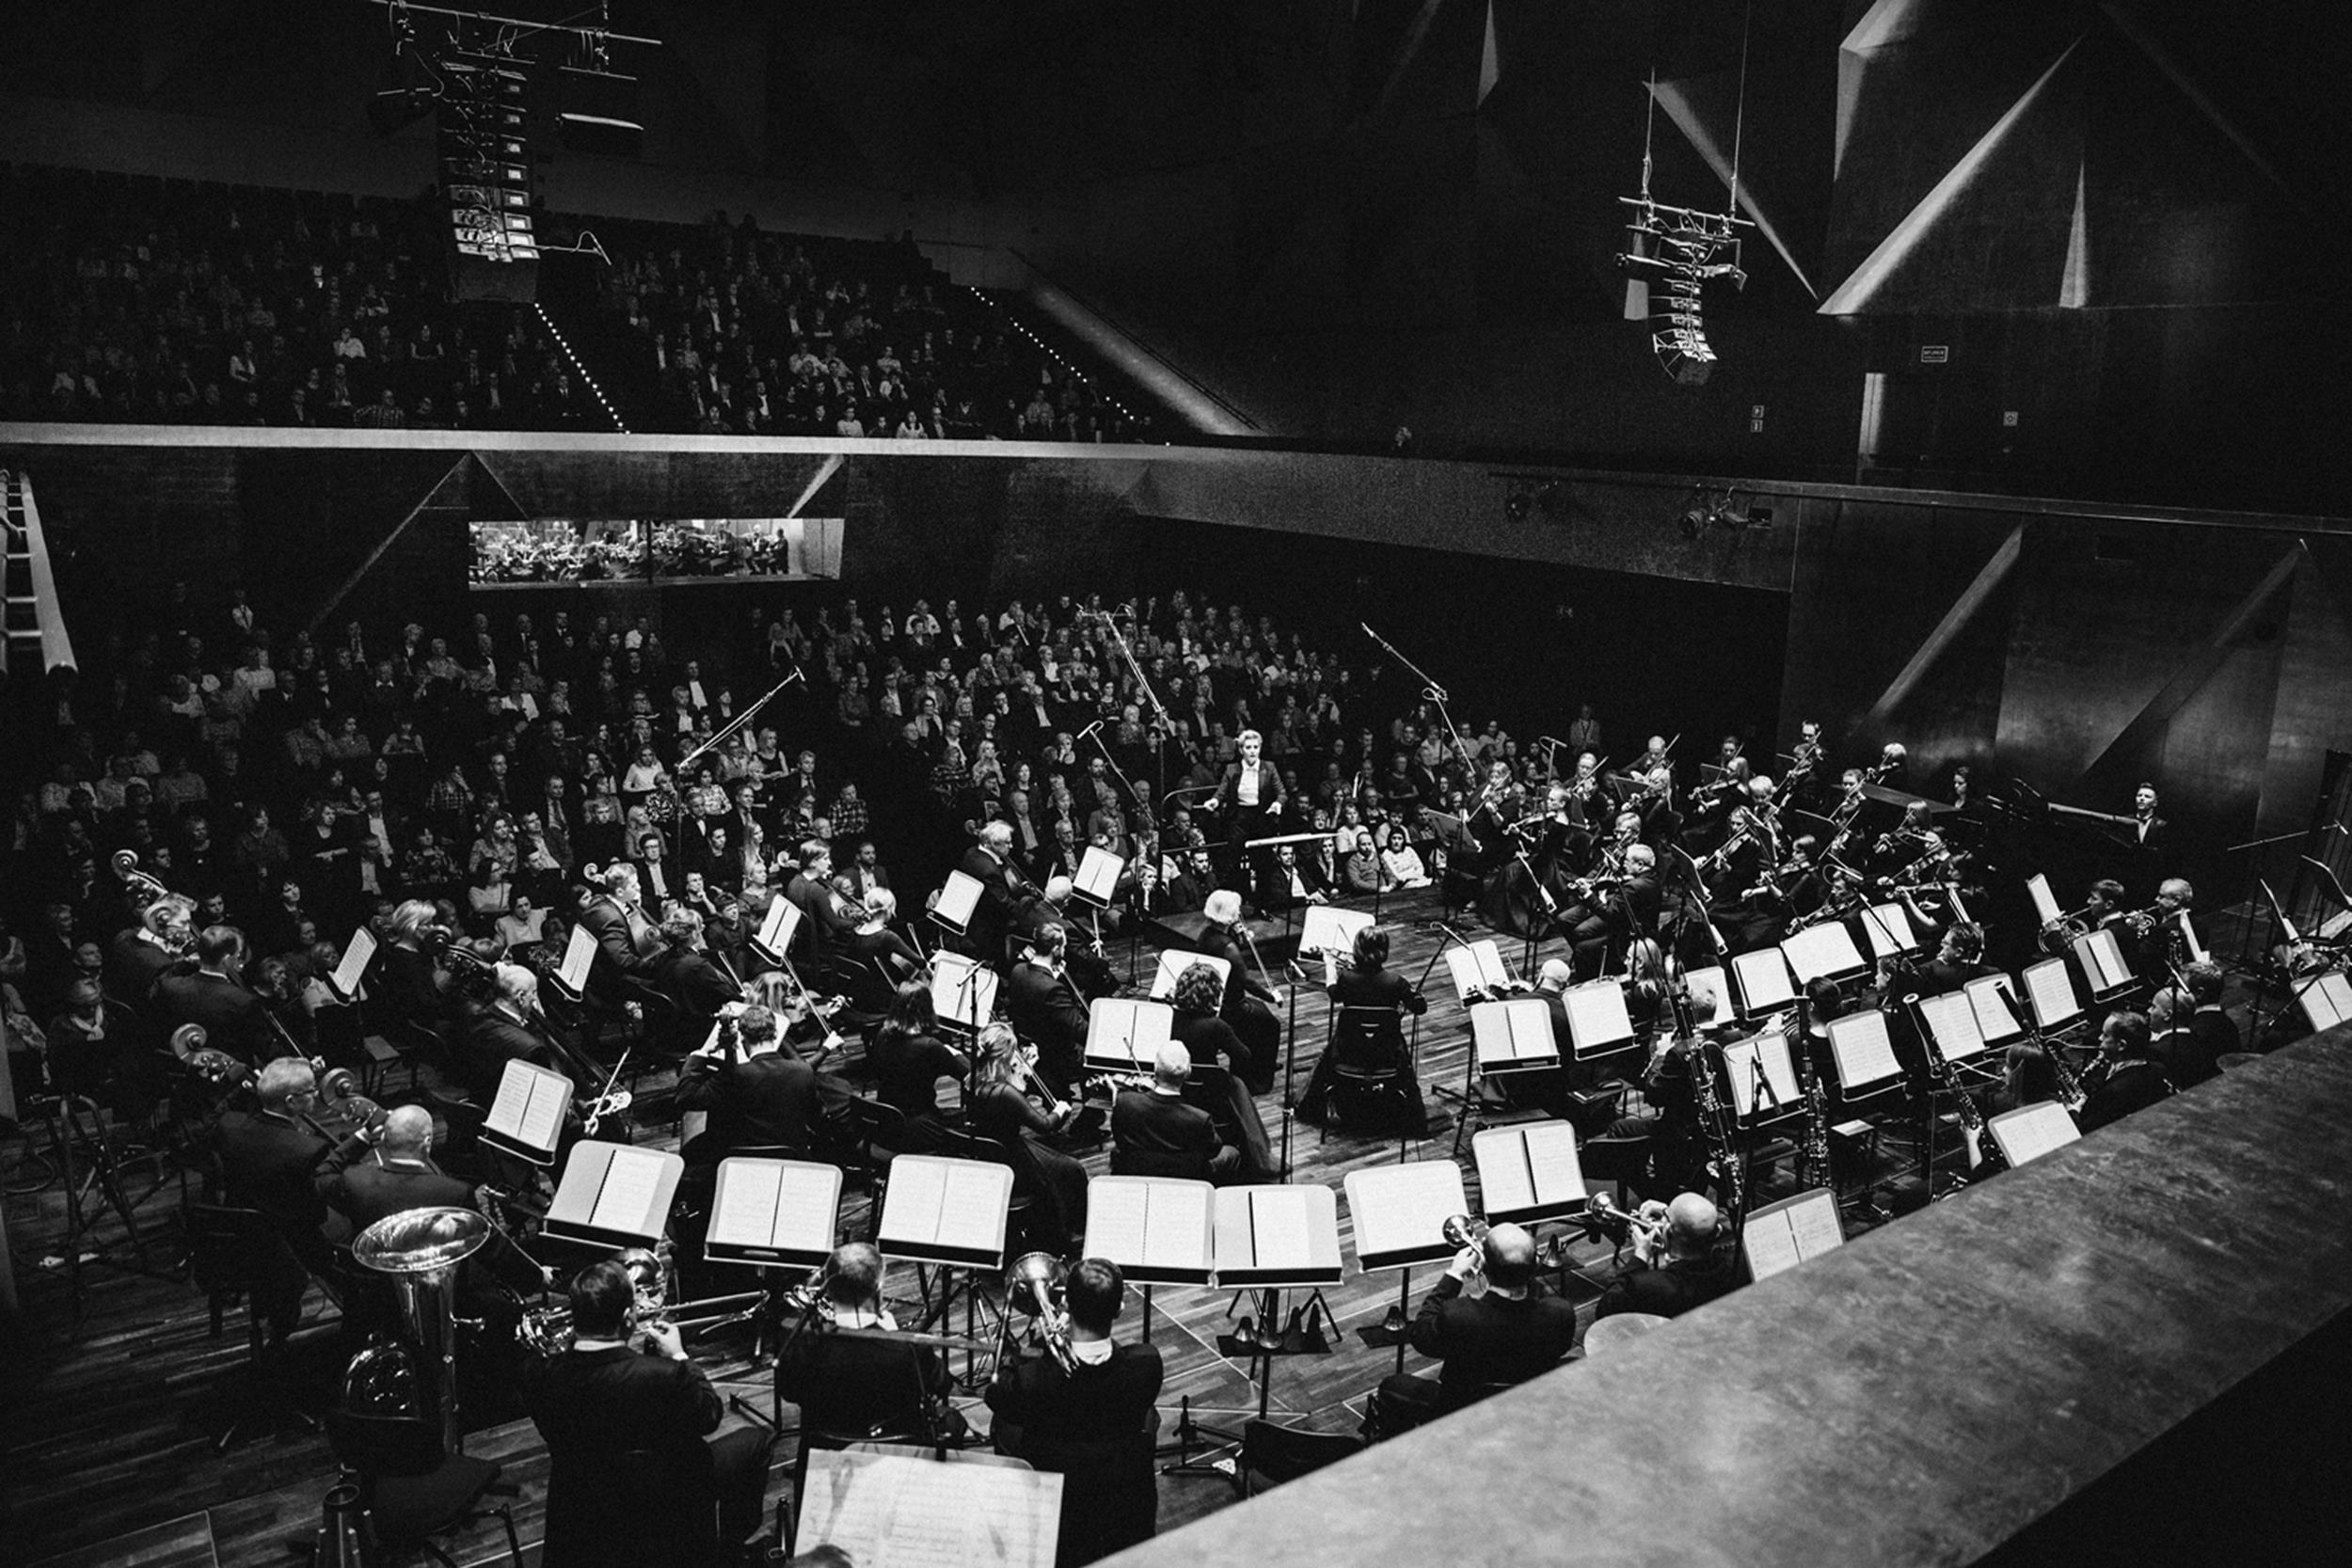 Orkiestra Filharmonii im. M. Karłowicza Fot. Kinga Karpati&Daniel Zarewicz PRESTIGE PORTRAIT